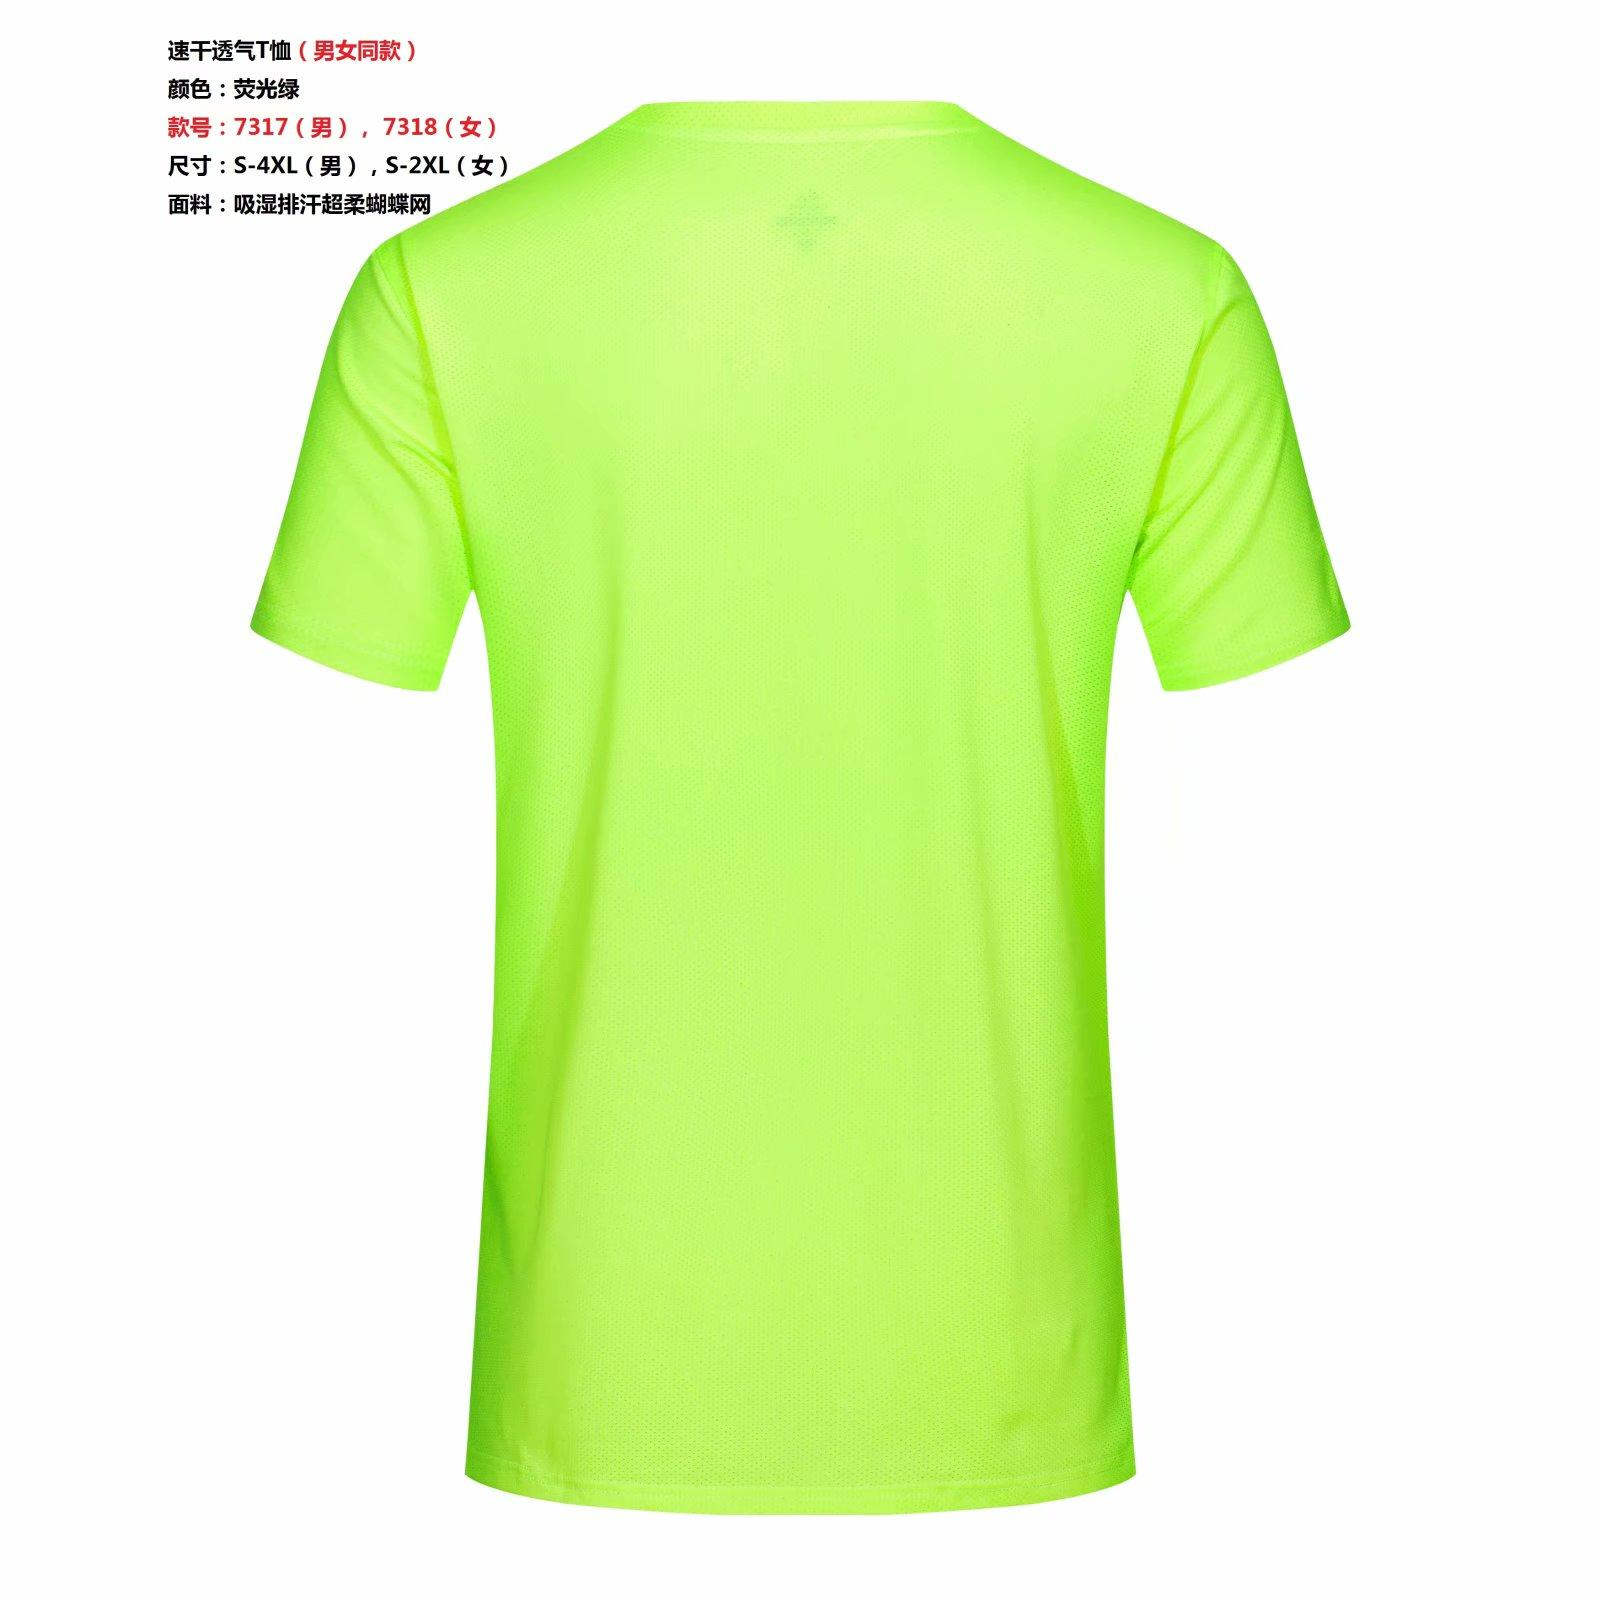 Number7337 # 21 Letzte Männer blau orange weiße graue Trikots 2021 Outdoor-Bekleidung 202122 Fußball tragen Hohe Qualitätsprodukt